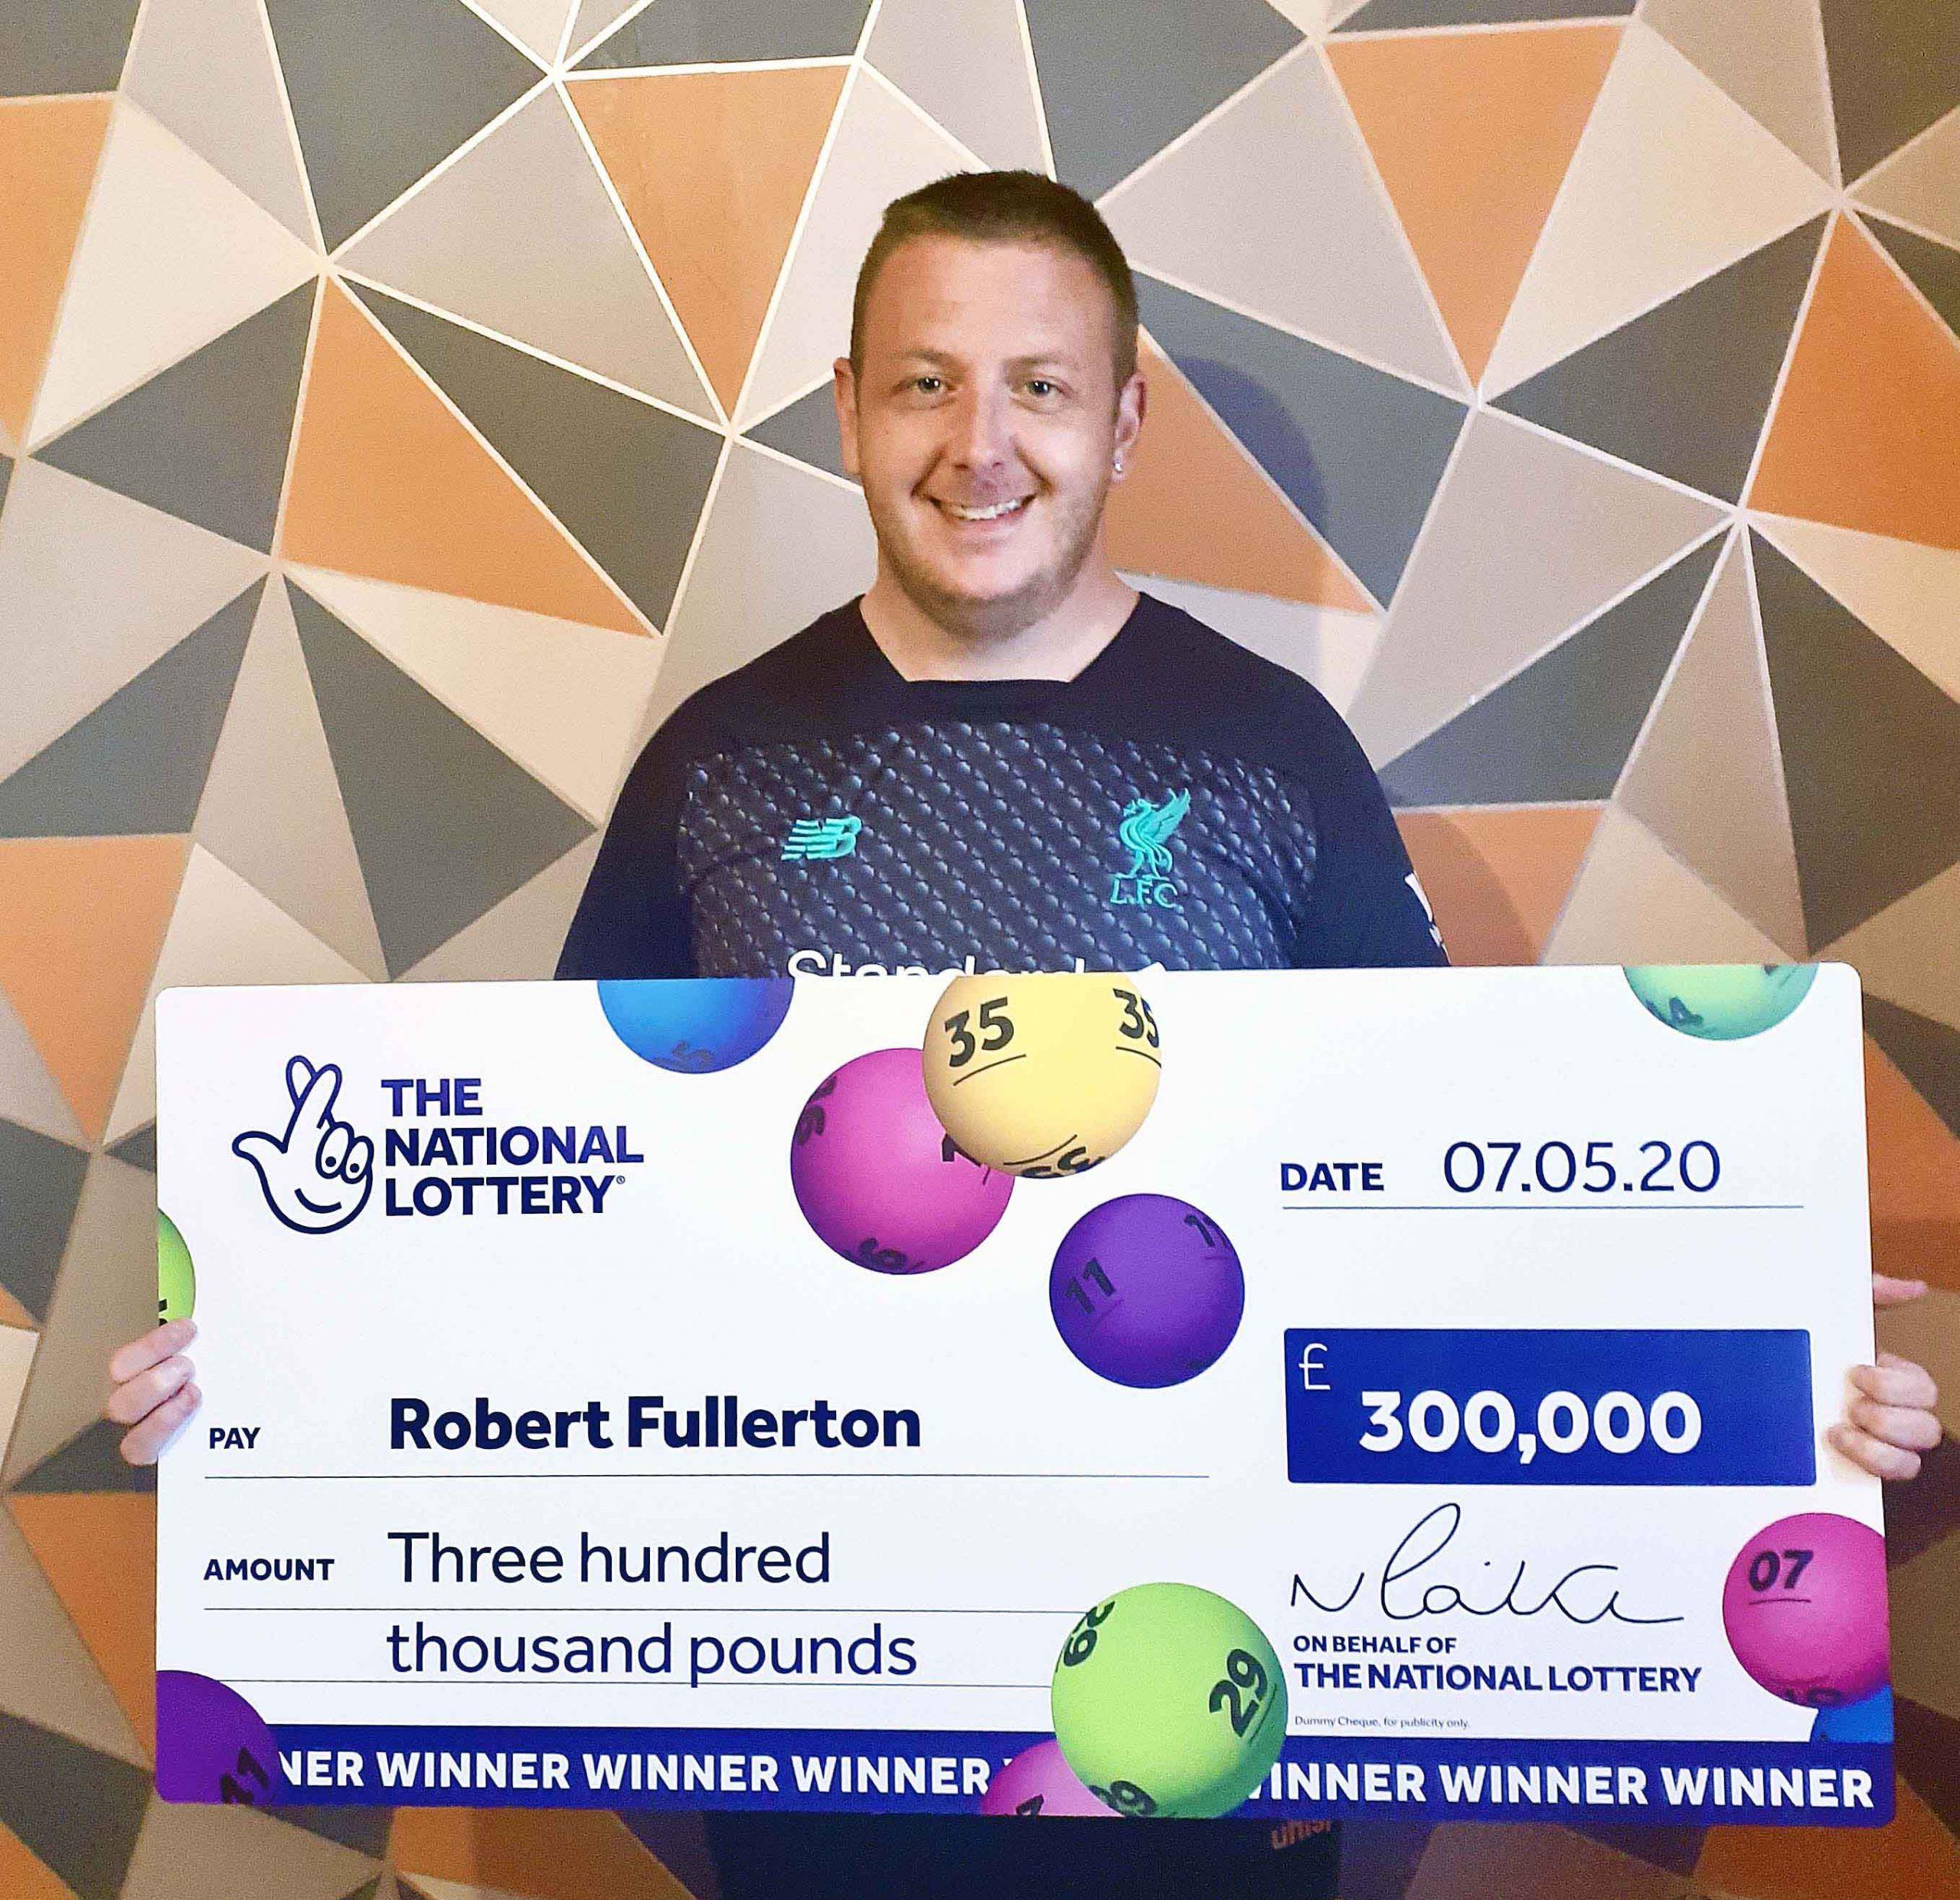 Robert Fullerton - lottery winner #1